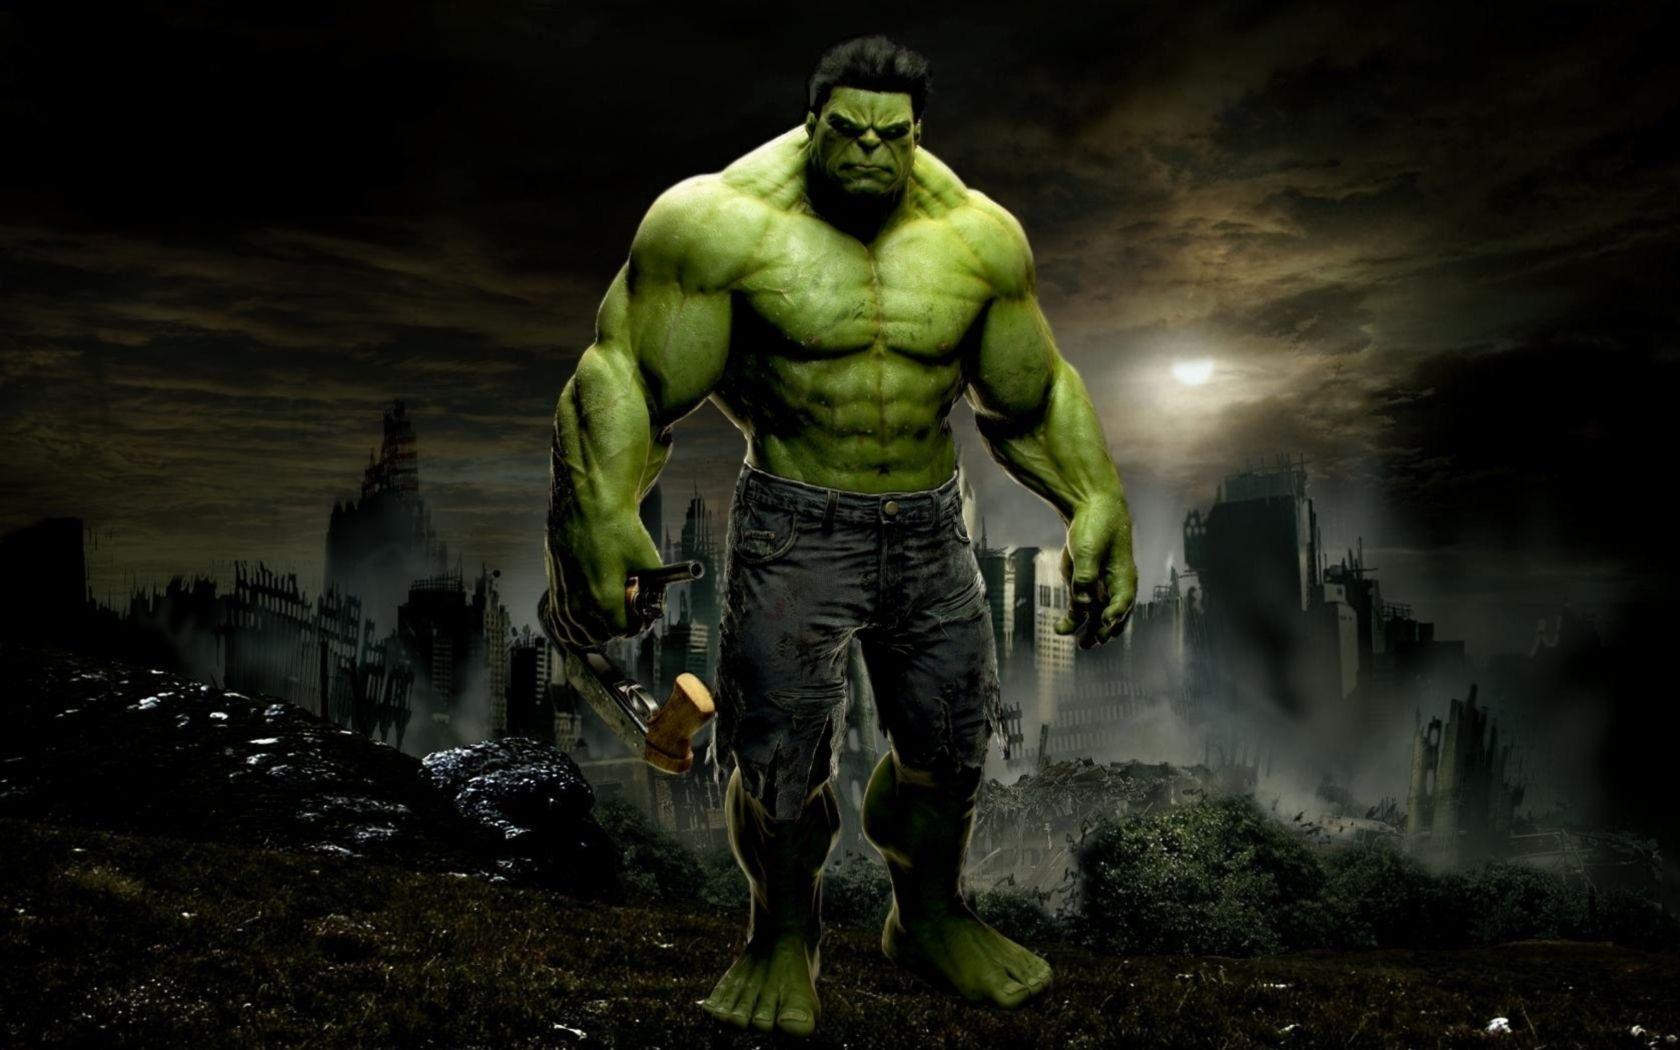 hulk 2008 full hd movie download